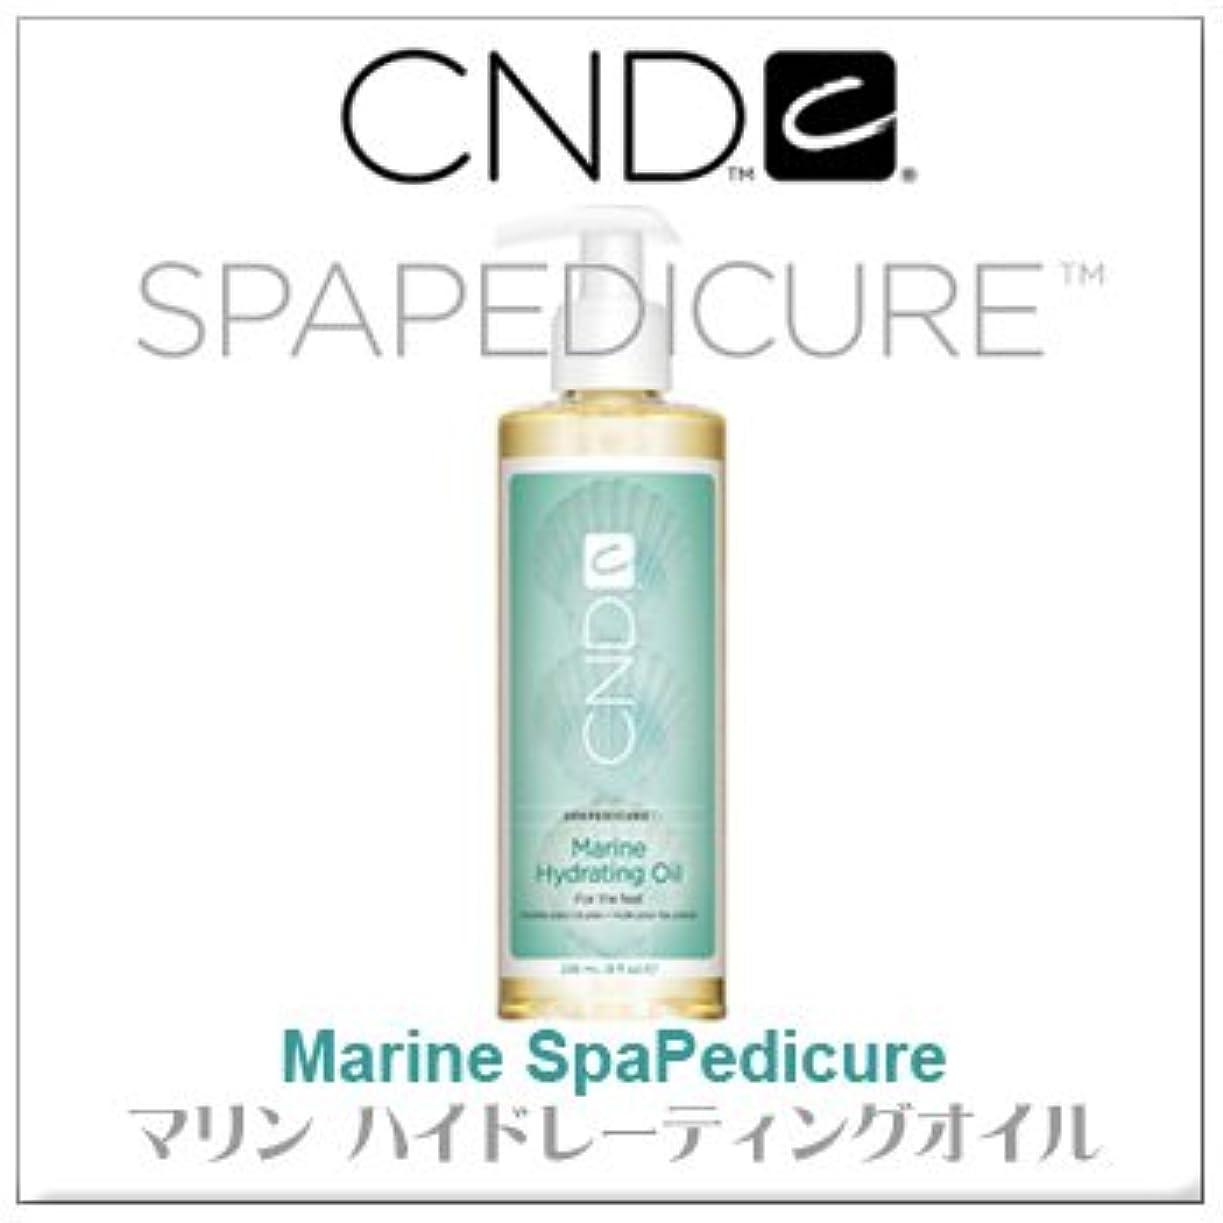 優雅品種したいCND (シーエヌデー) マリン ハイドレーティングオイル フットケア マッサージオイル